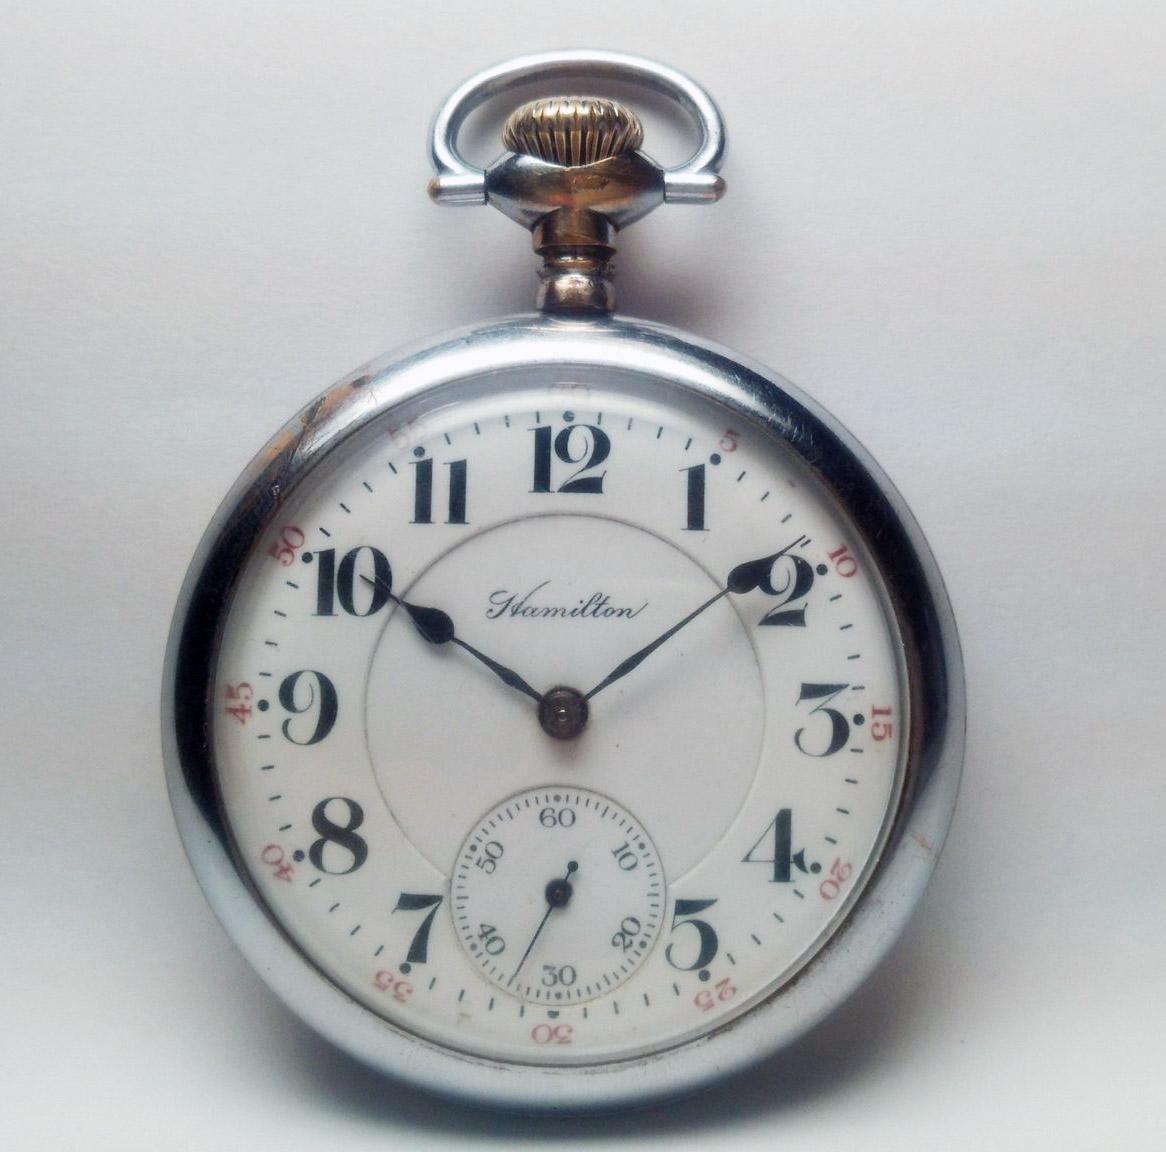 整備済◆ Hamilton 992 1st-model 初期型 21石 16S ハミルトン 懐中時計 鉄道時計_画像2